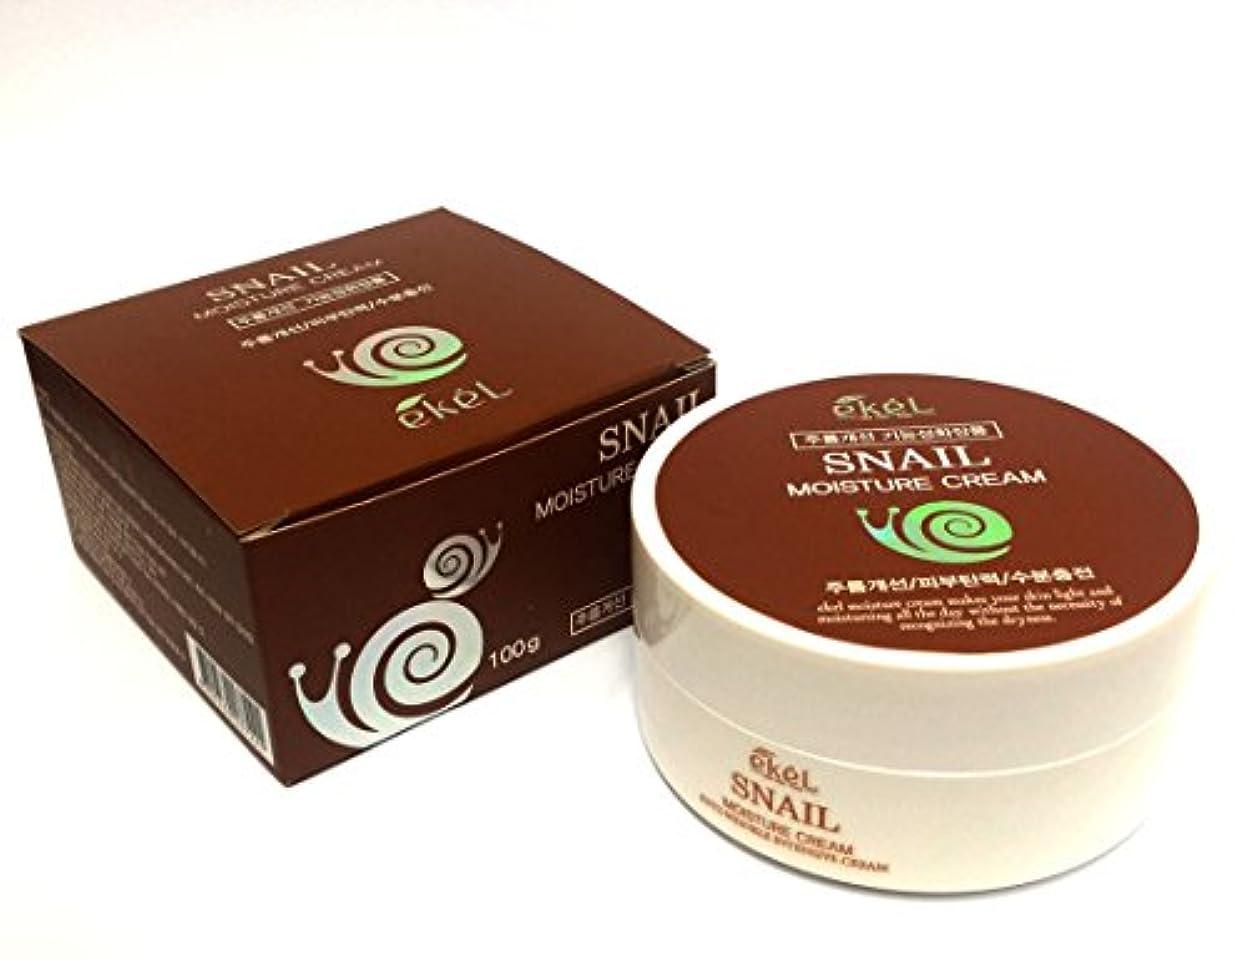 調和海軍南東[ekel] スネイルモイスチャークリーム100g / Snail Moisture Cream 100g /しわ?弾力?保湿 / Wrinkle, elasticity, Moisturizing / 韓国化粧品 /...